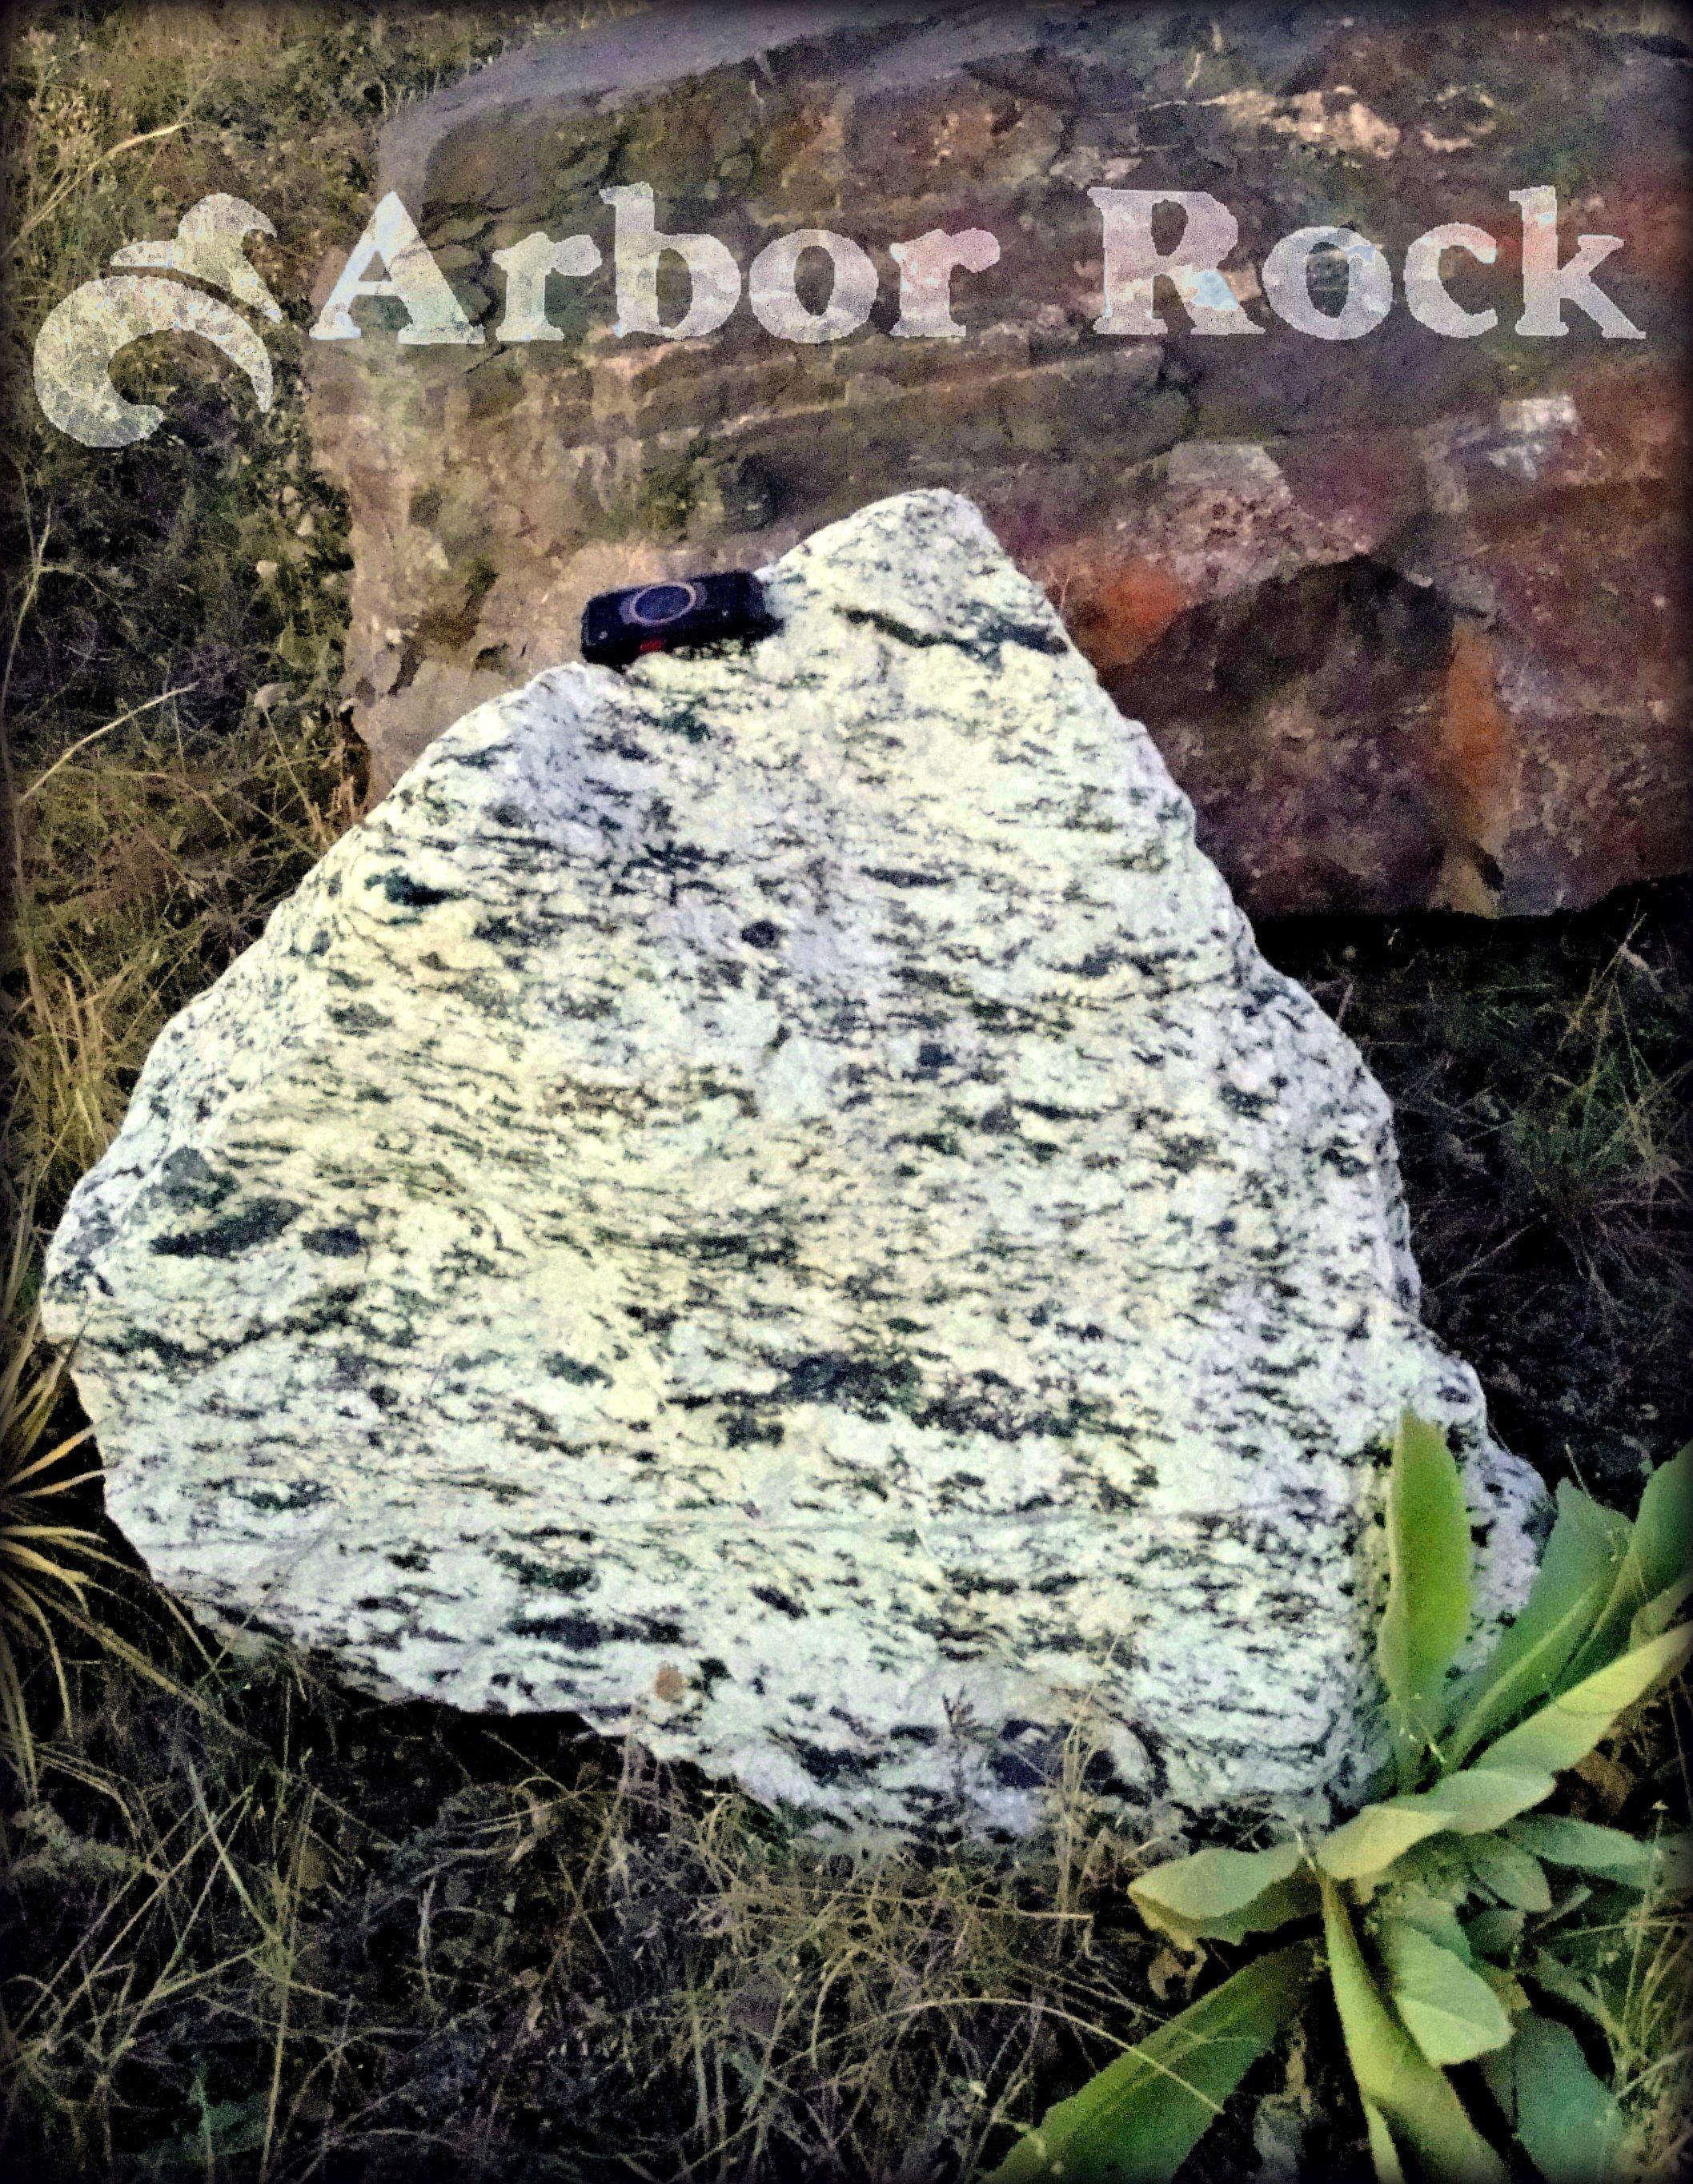 White Quartz With Black Amphibolite Arbor Rock